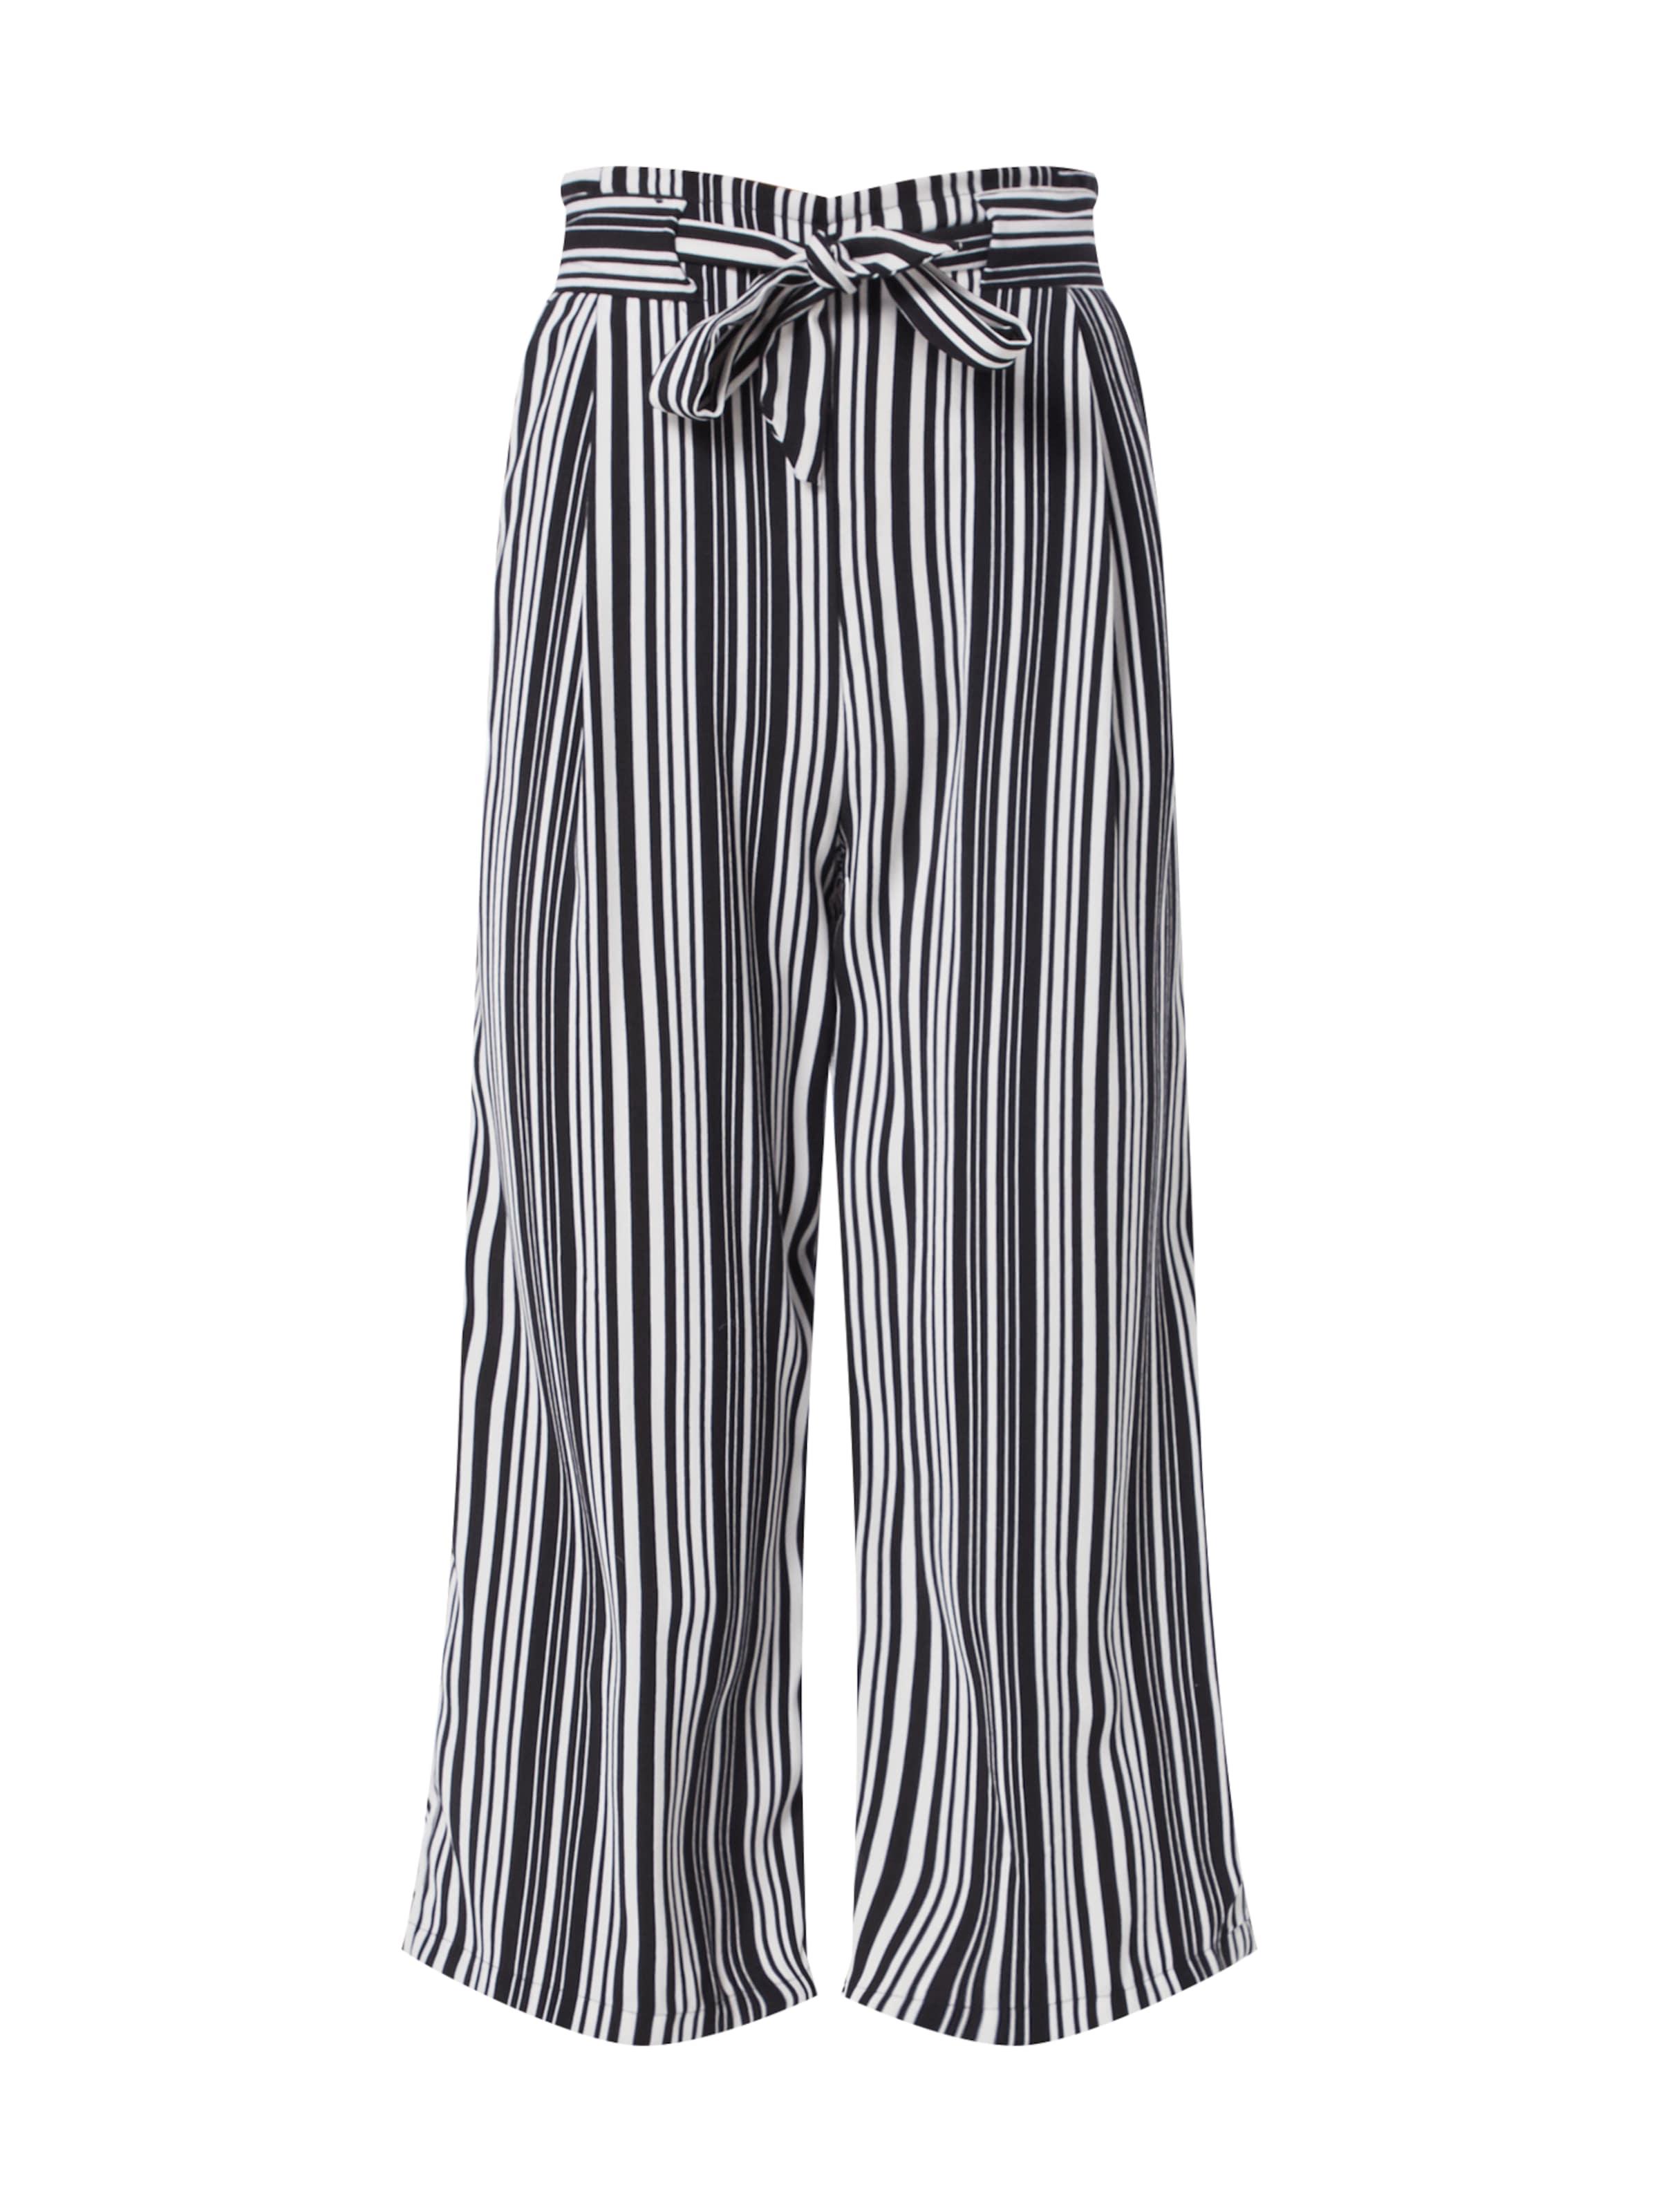 Look Crop' SchwarzWeiß In Stripe Waist Hose Tie Vinnie 09 New '28 Ww Emerald MVSqpUzG